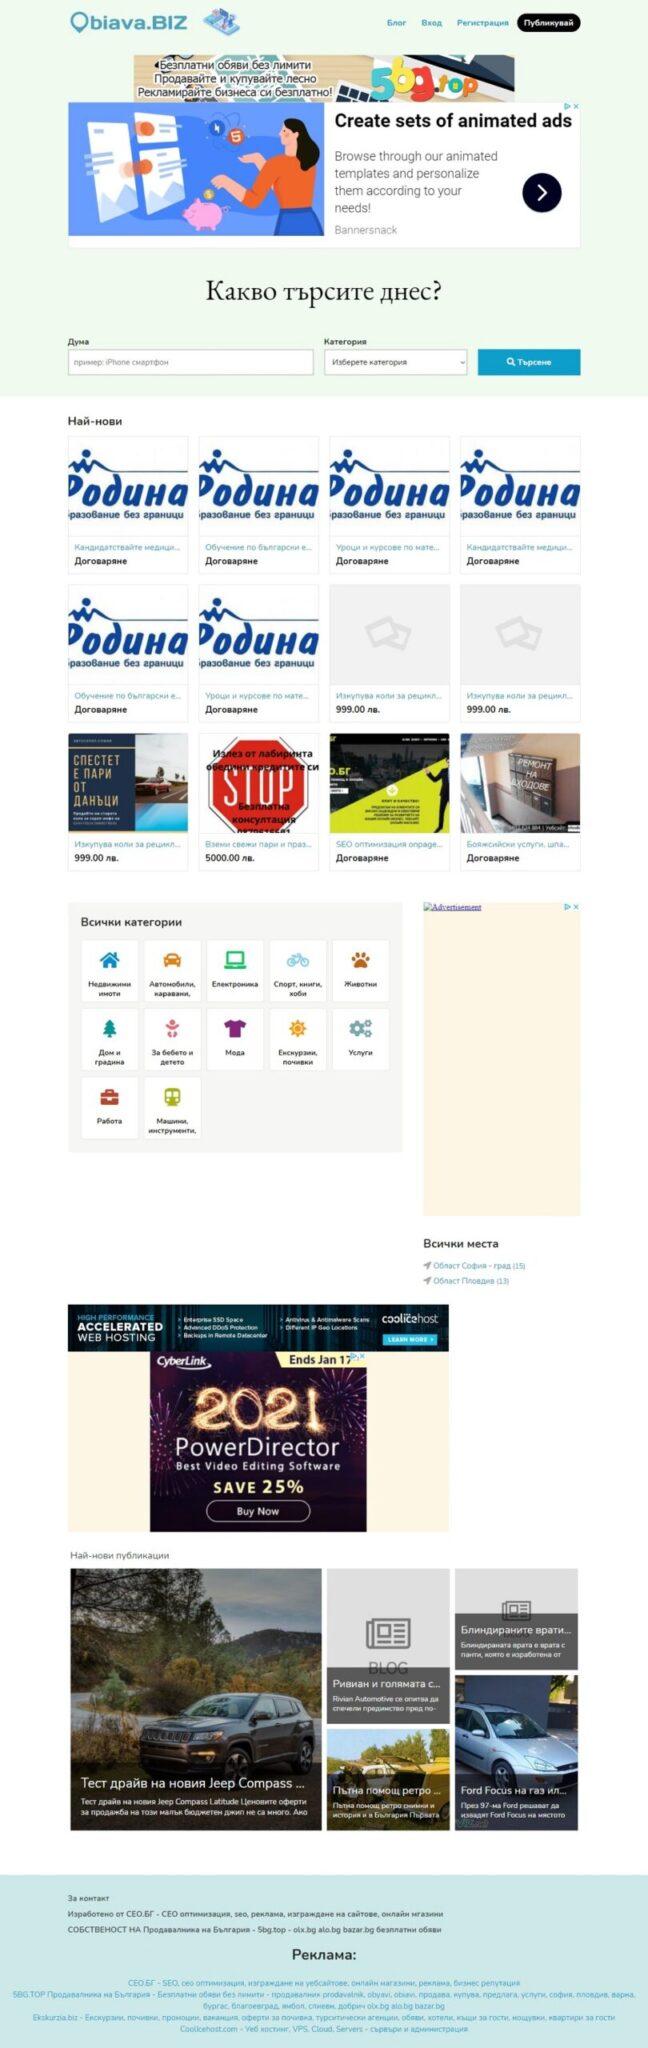 Изграждане на сайт за обяви - obiava.biz - СЕО.БГ